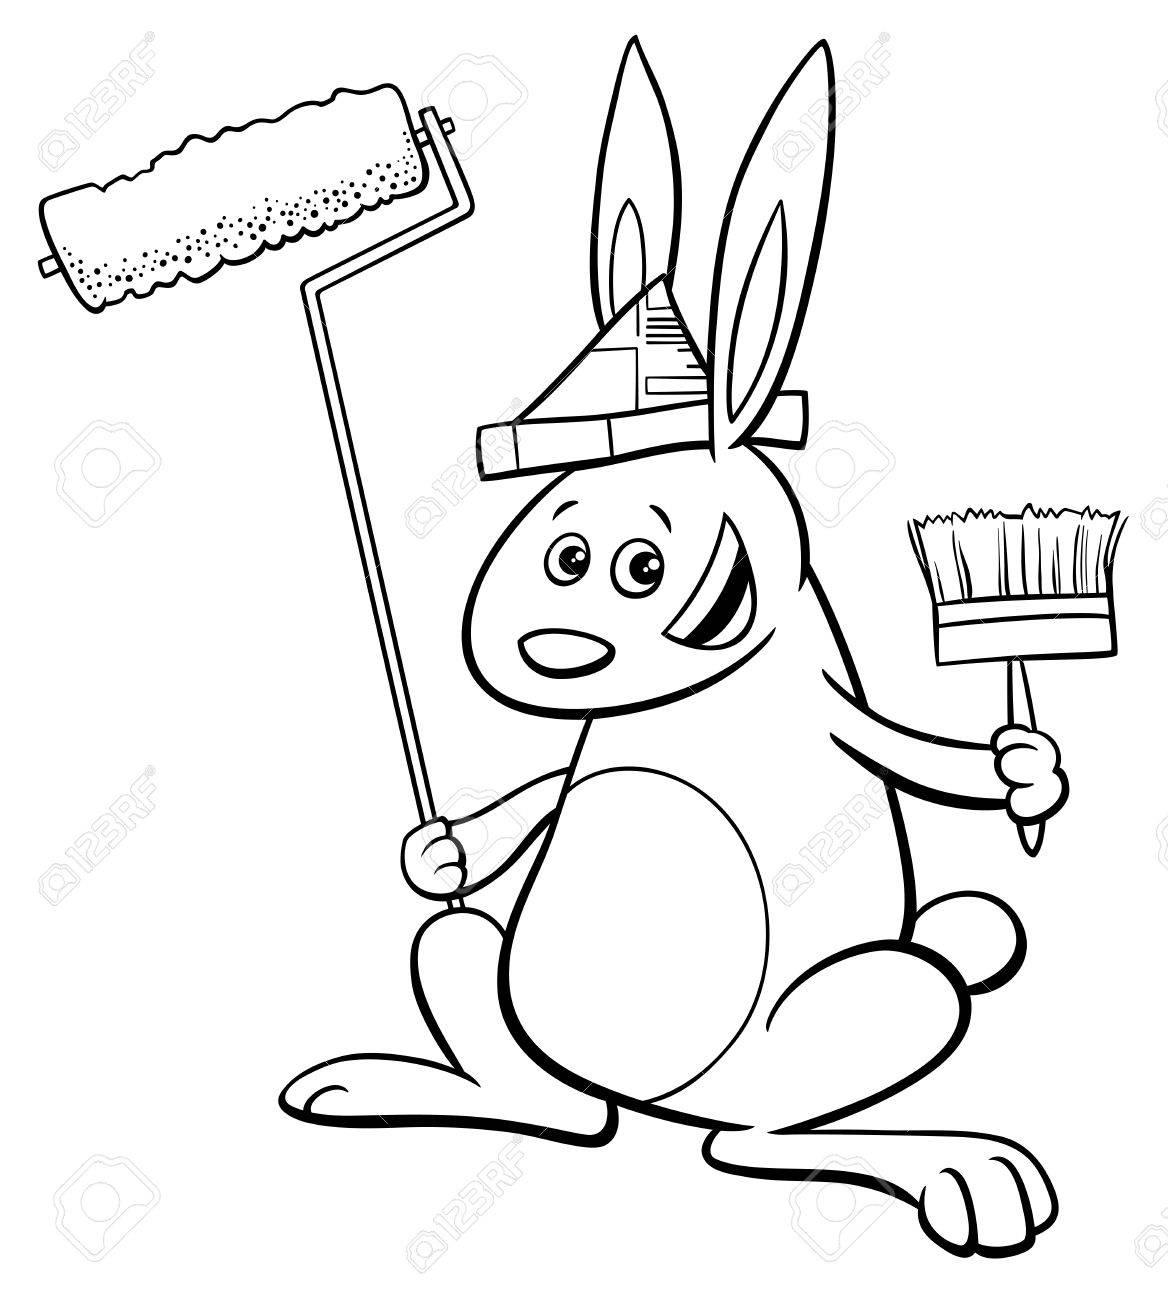 ウサギの画家ファンタジー動物キャラクター塗り絵の黒と白の漫画イラスト